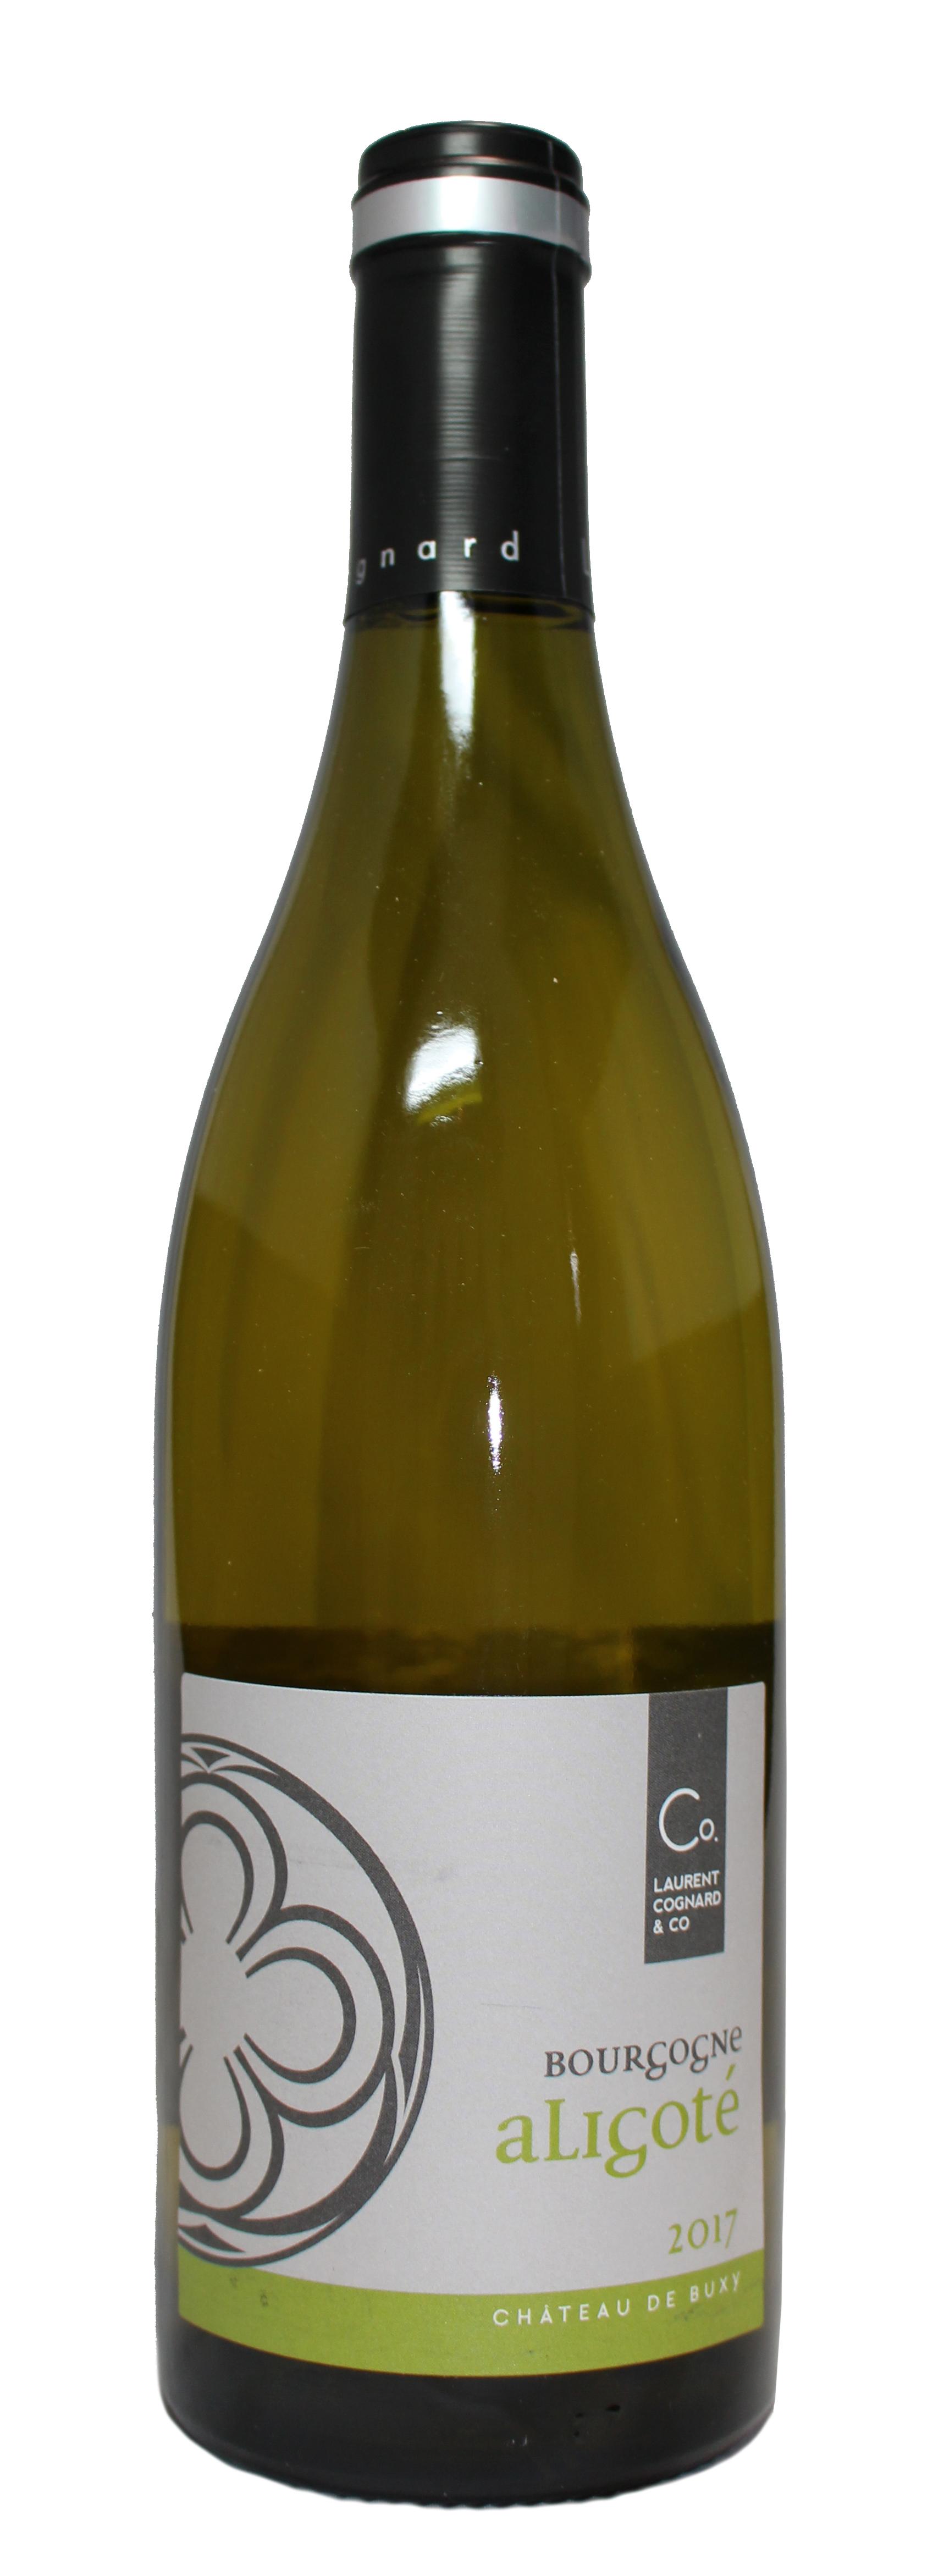 Bourgogne Alligoté 2016/2017